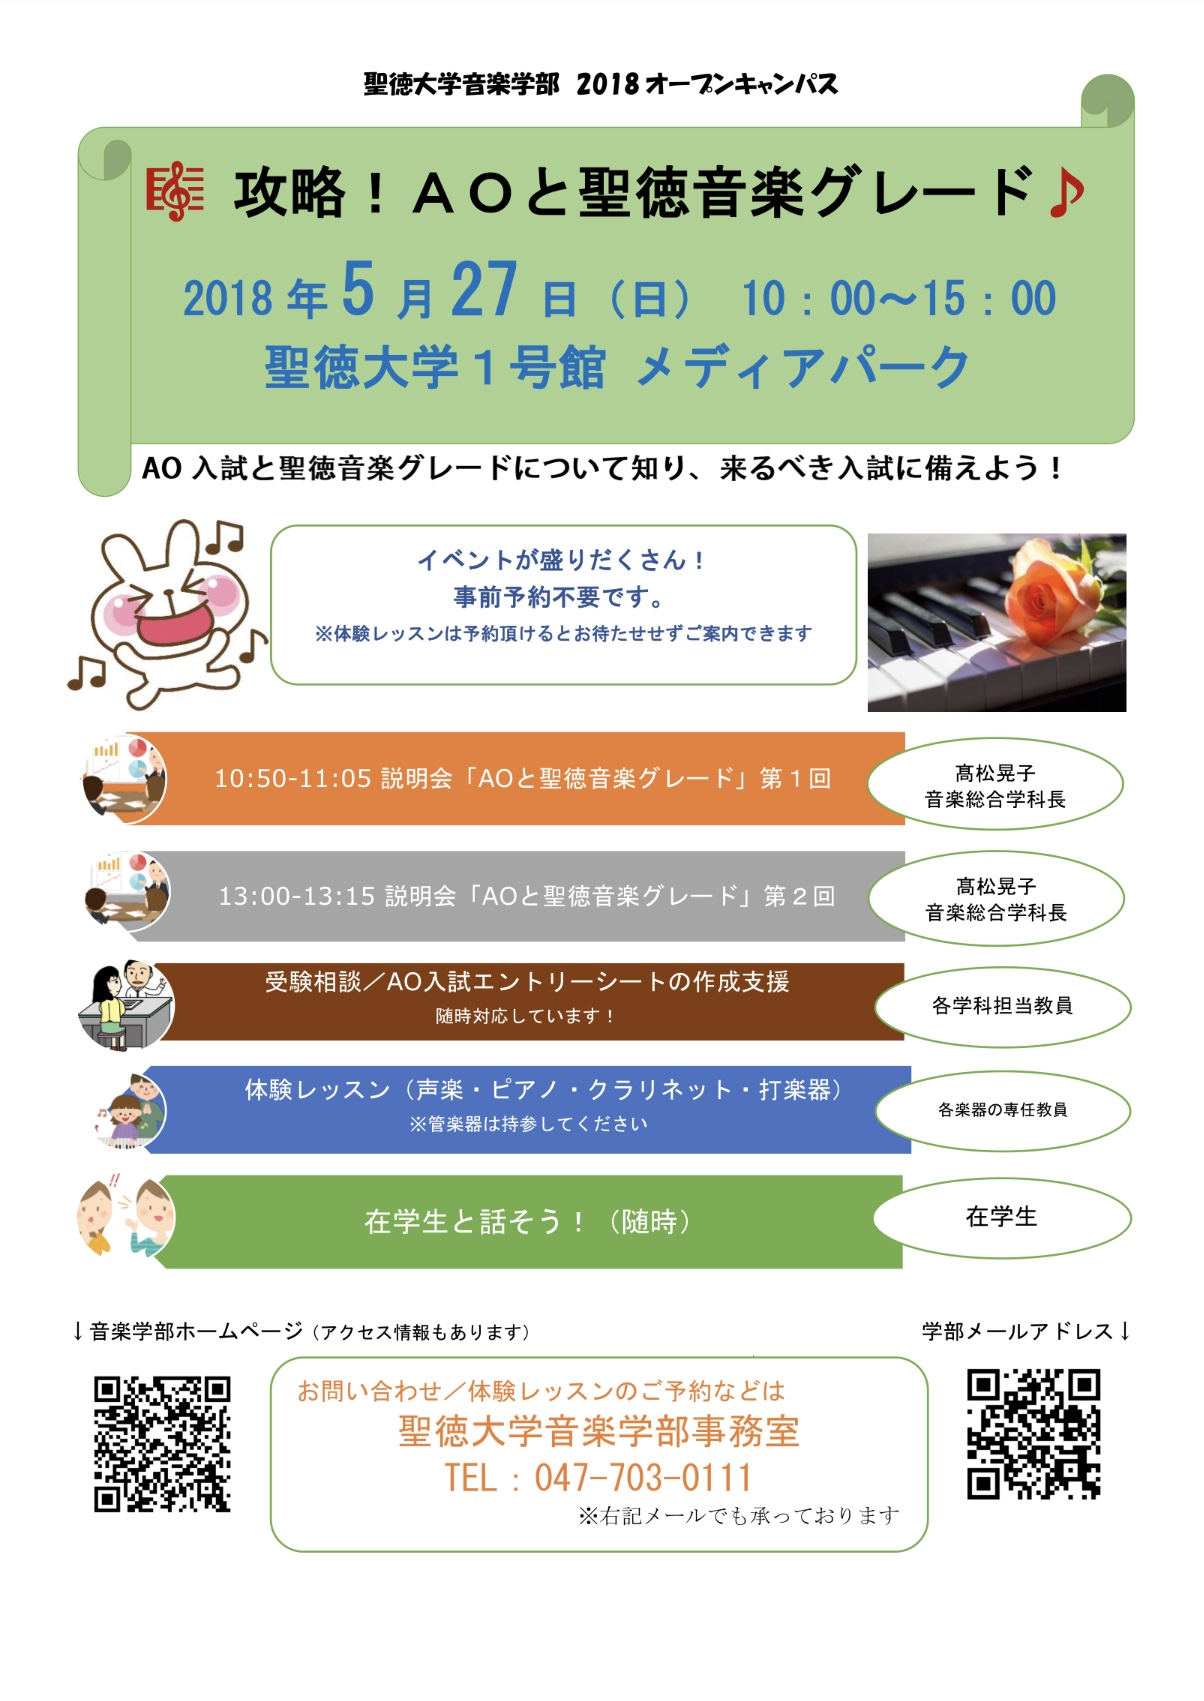 5月27日(日)オープンキャンパスを開催します!